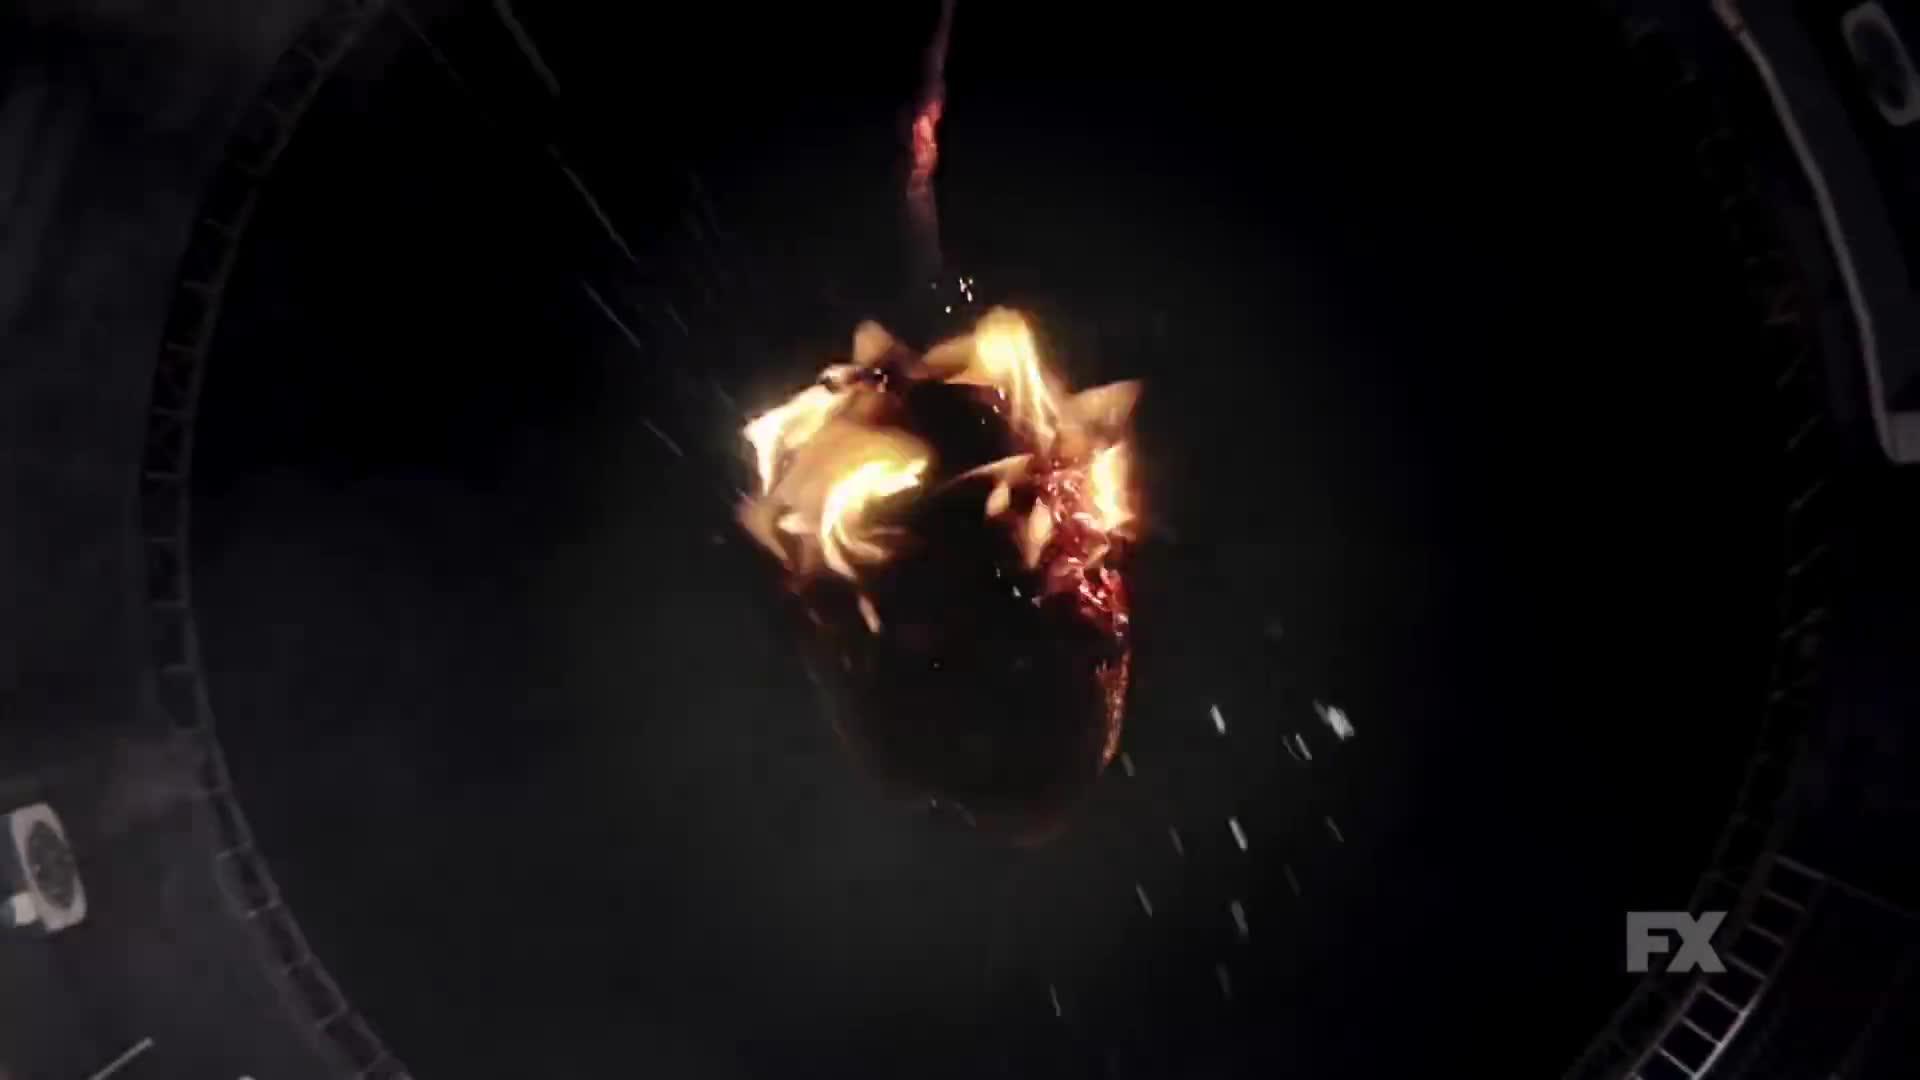 Series phim kinh dị American Horror Story mùa 8 tung teaser trailer đầu tiên ảnh 4